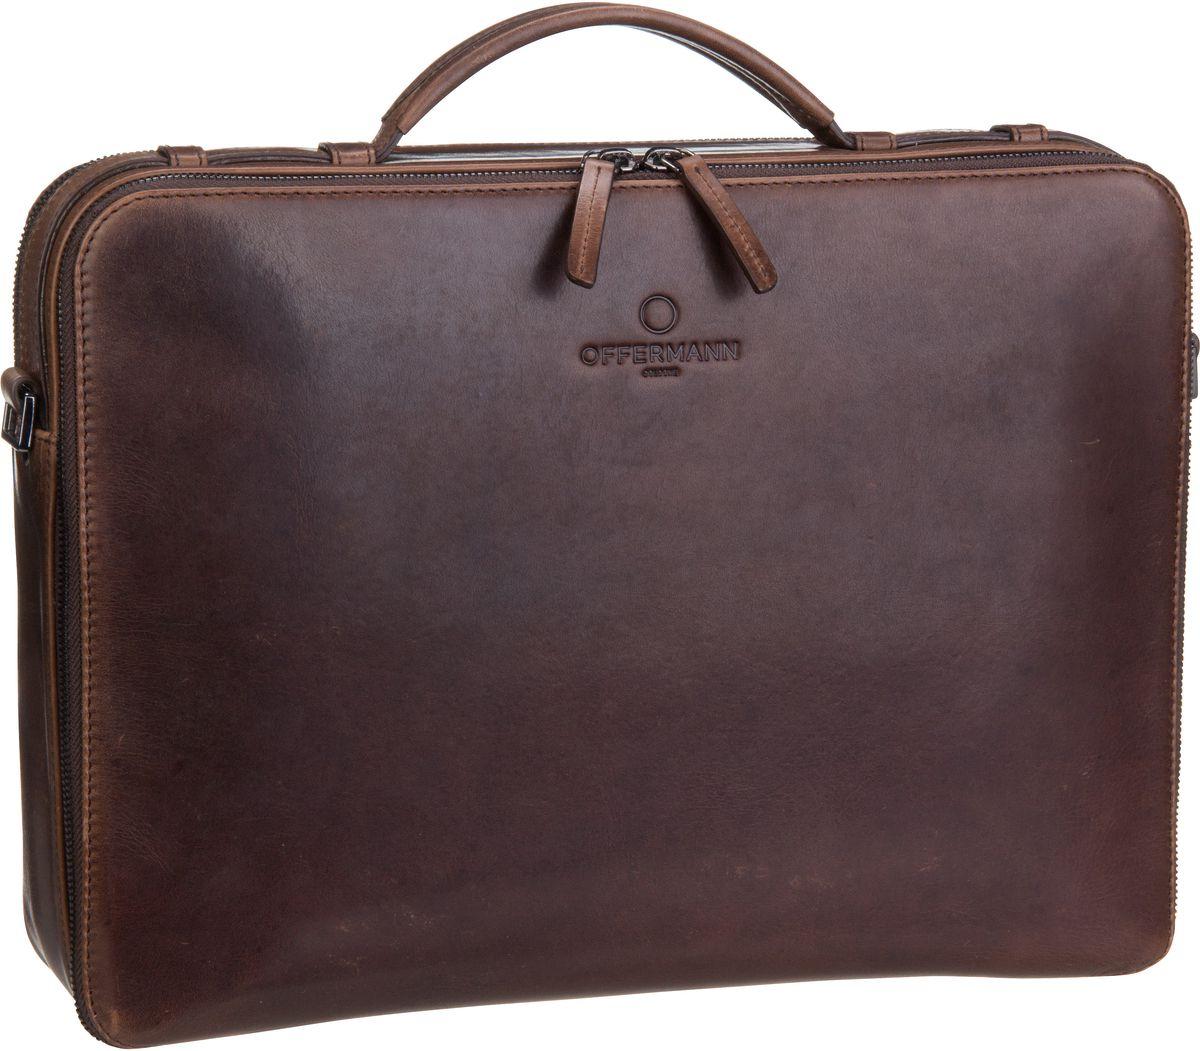 Offermann Workbag M Solid Chestnut Brown - Akte...